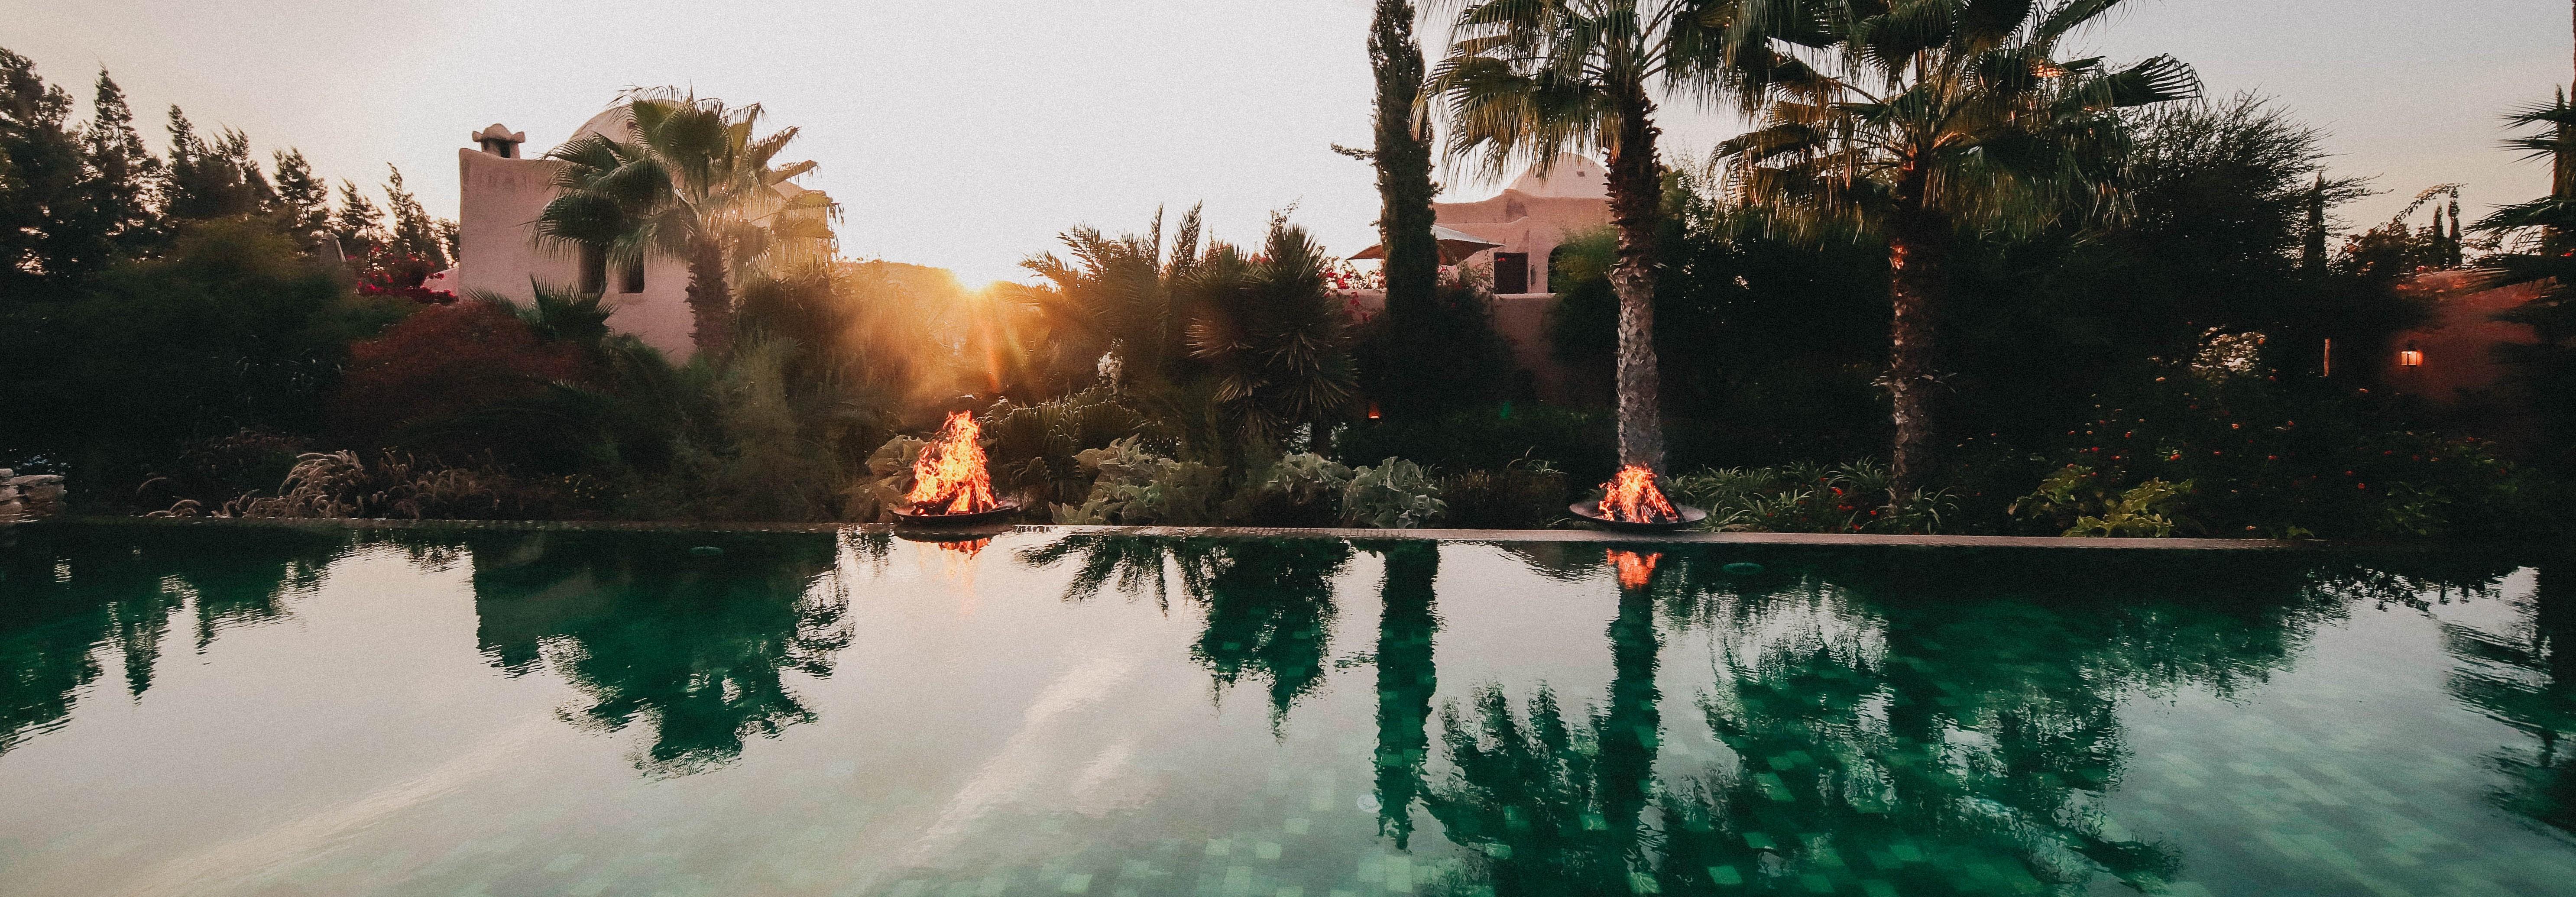 le-jardin-des-douars-pool-fire